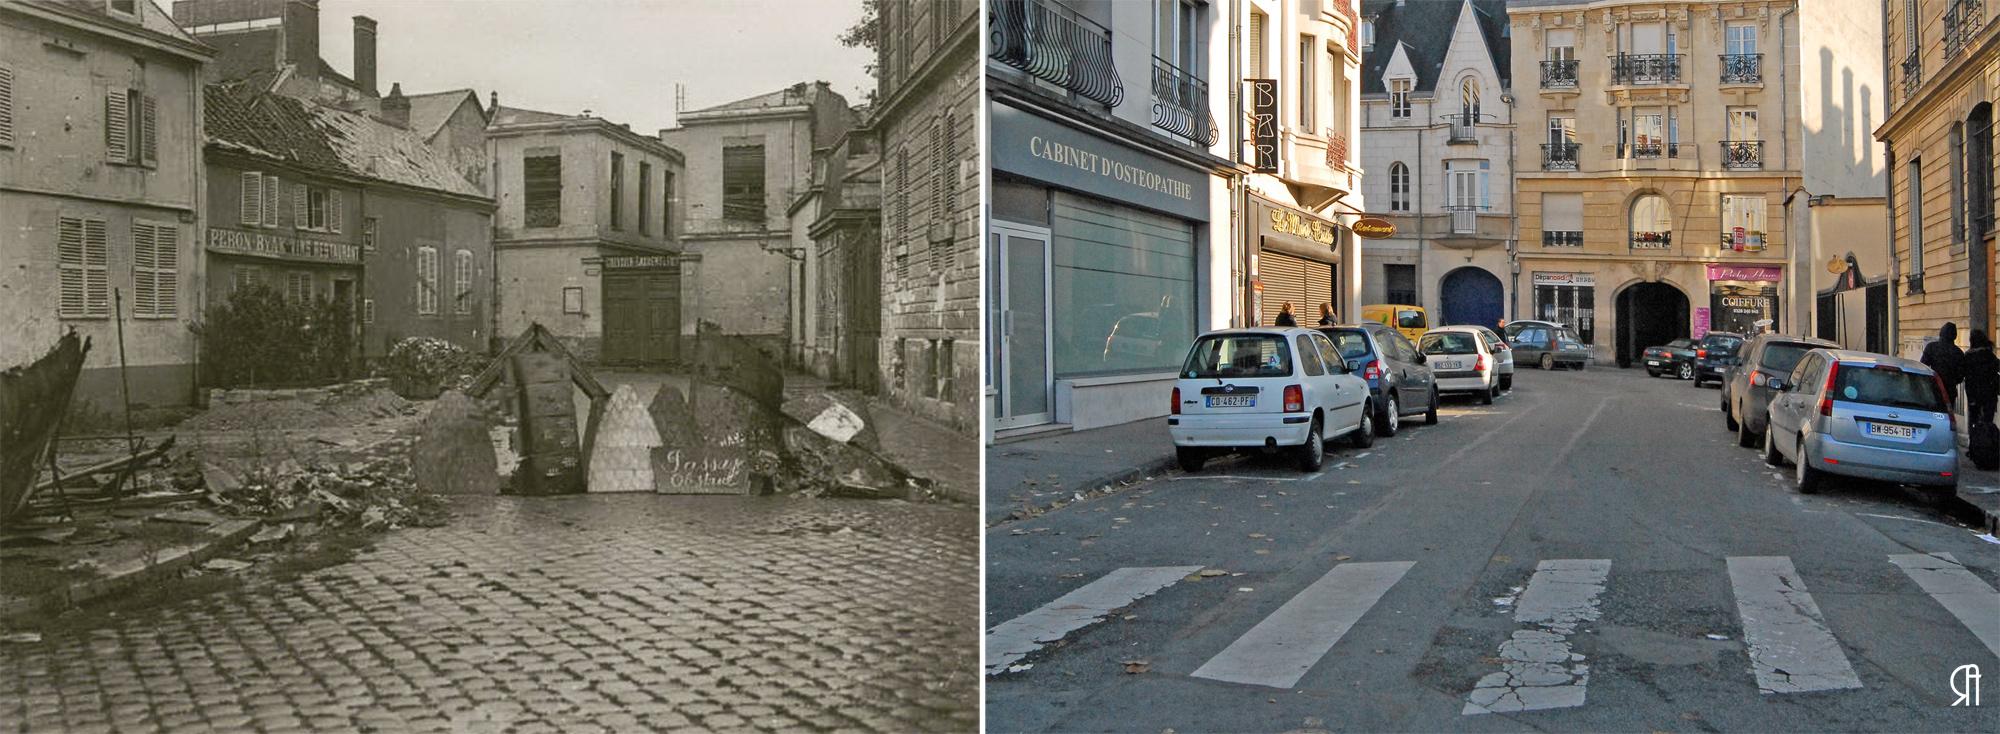 Rue de l'Ecu